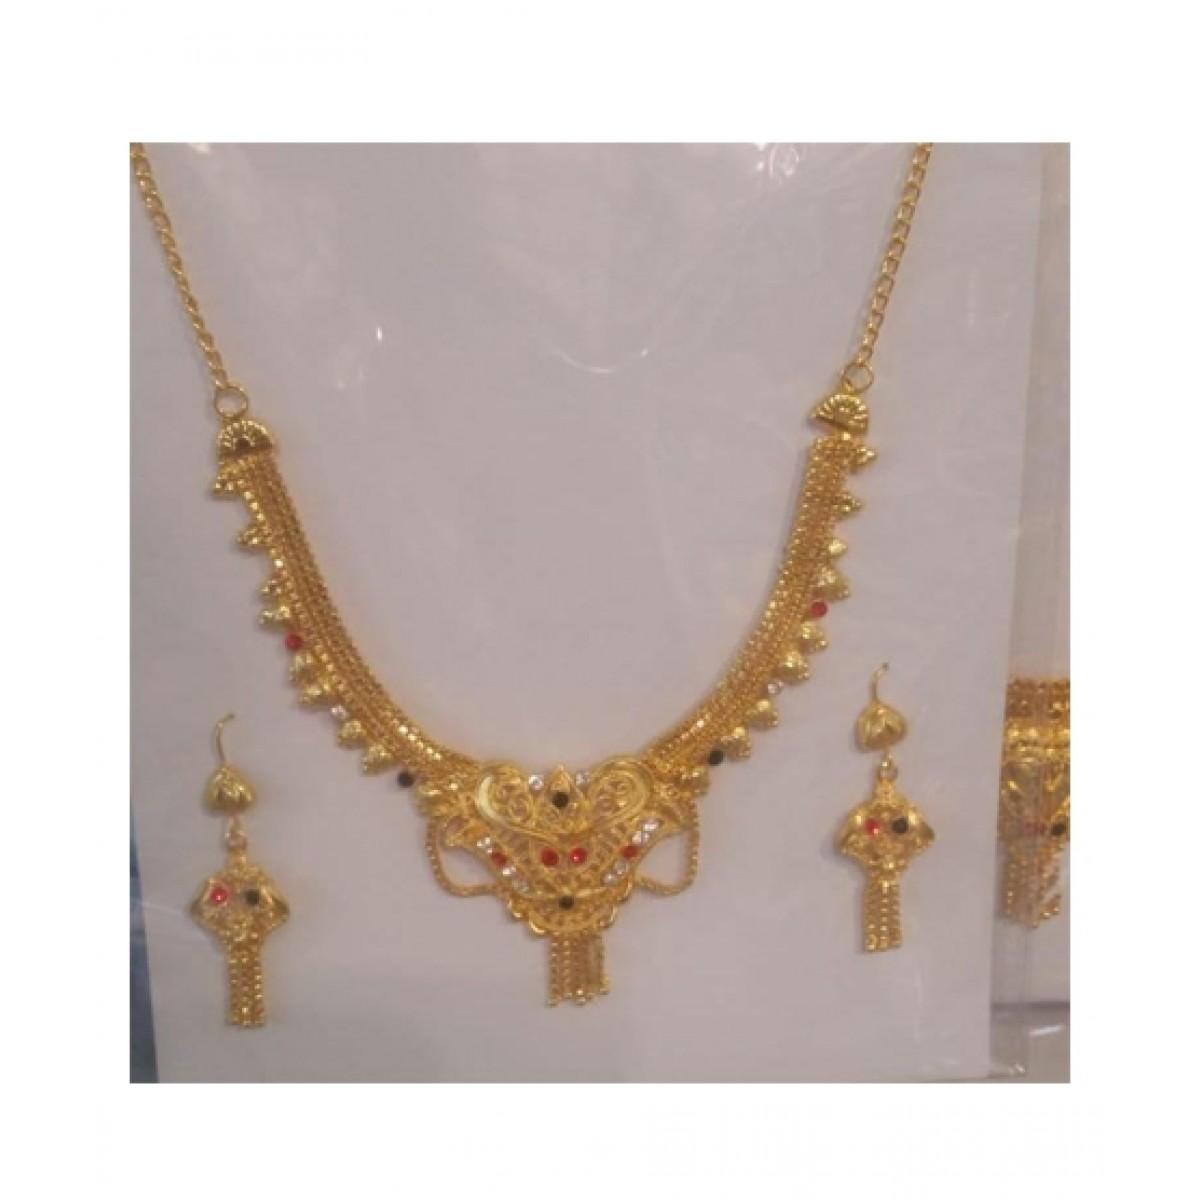 Sasta Bazaar Golden Casting Jewellery Set Price In Pakistan Buy